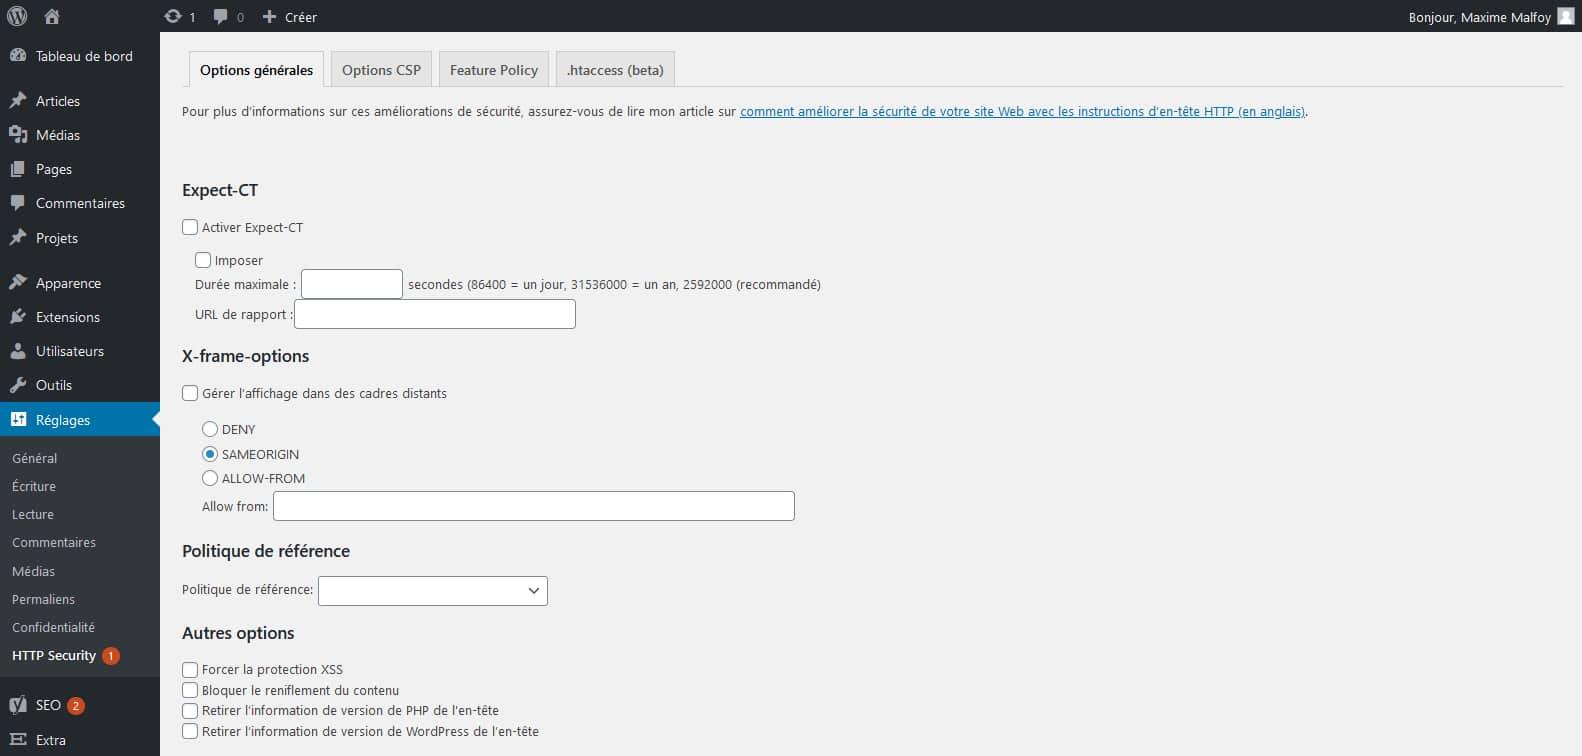 HTTP headers to improve web site security : un plugin simple et rapide